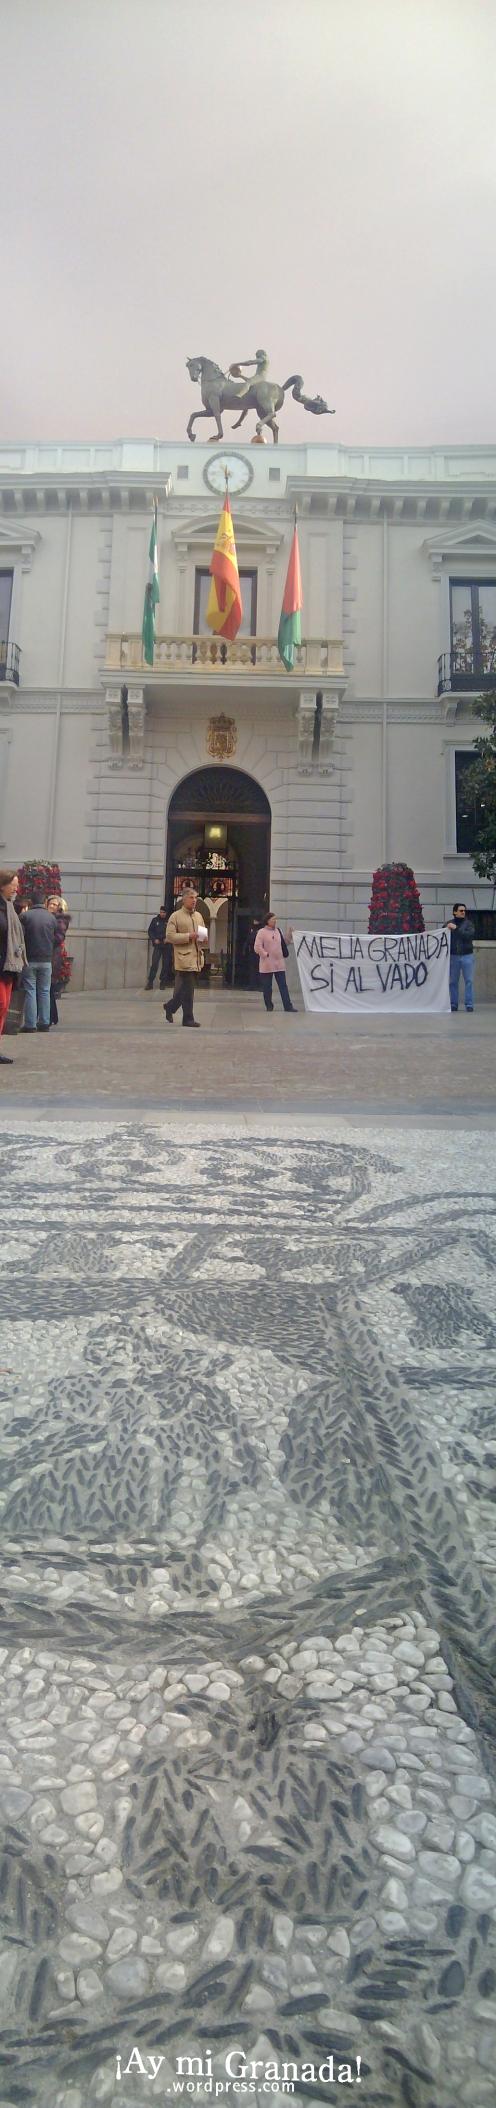 Plaza del Ayuntamiento Granada